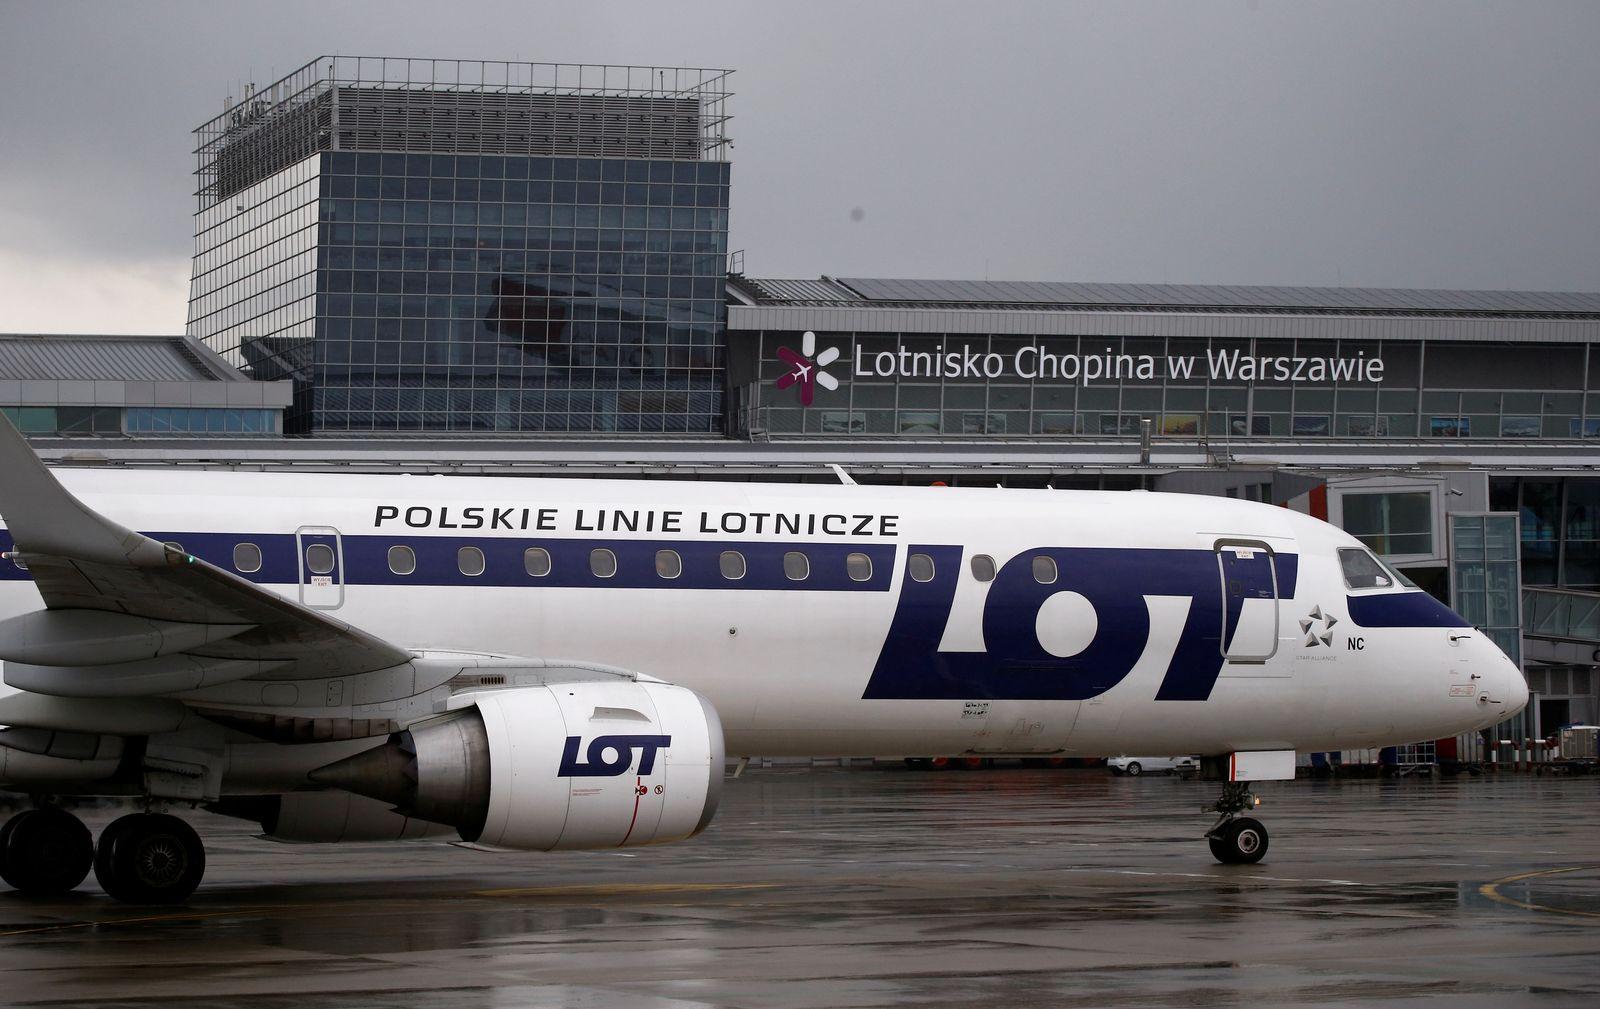 Flughafen Chopin / Warschau